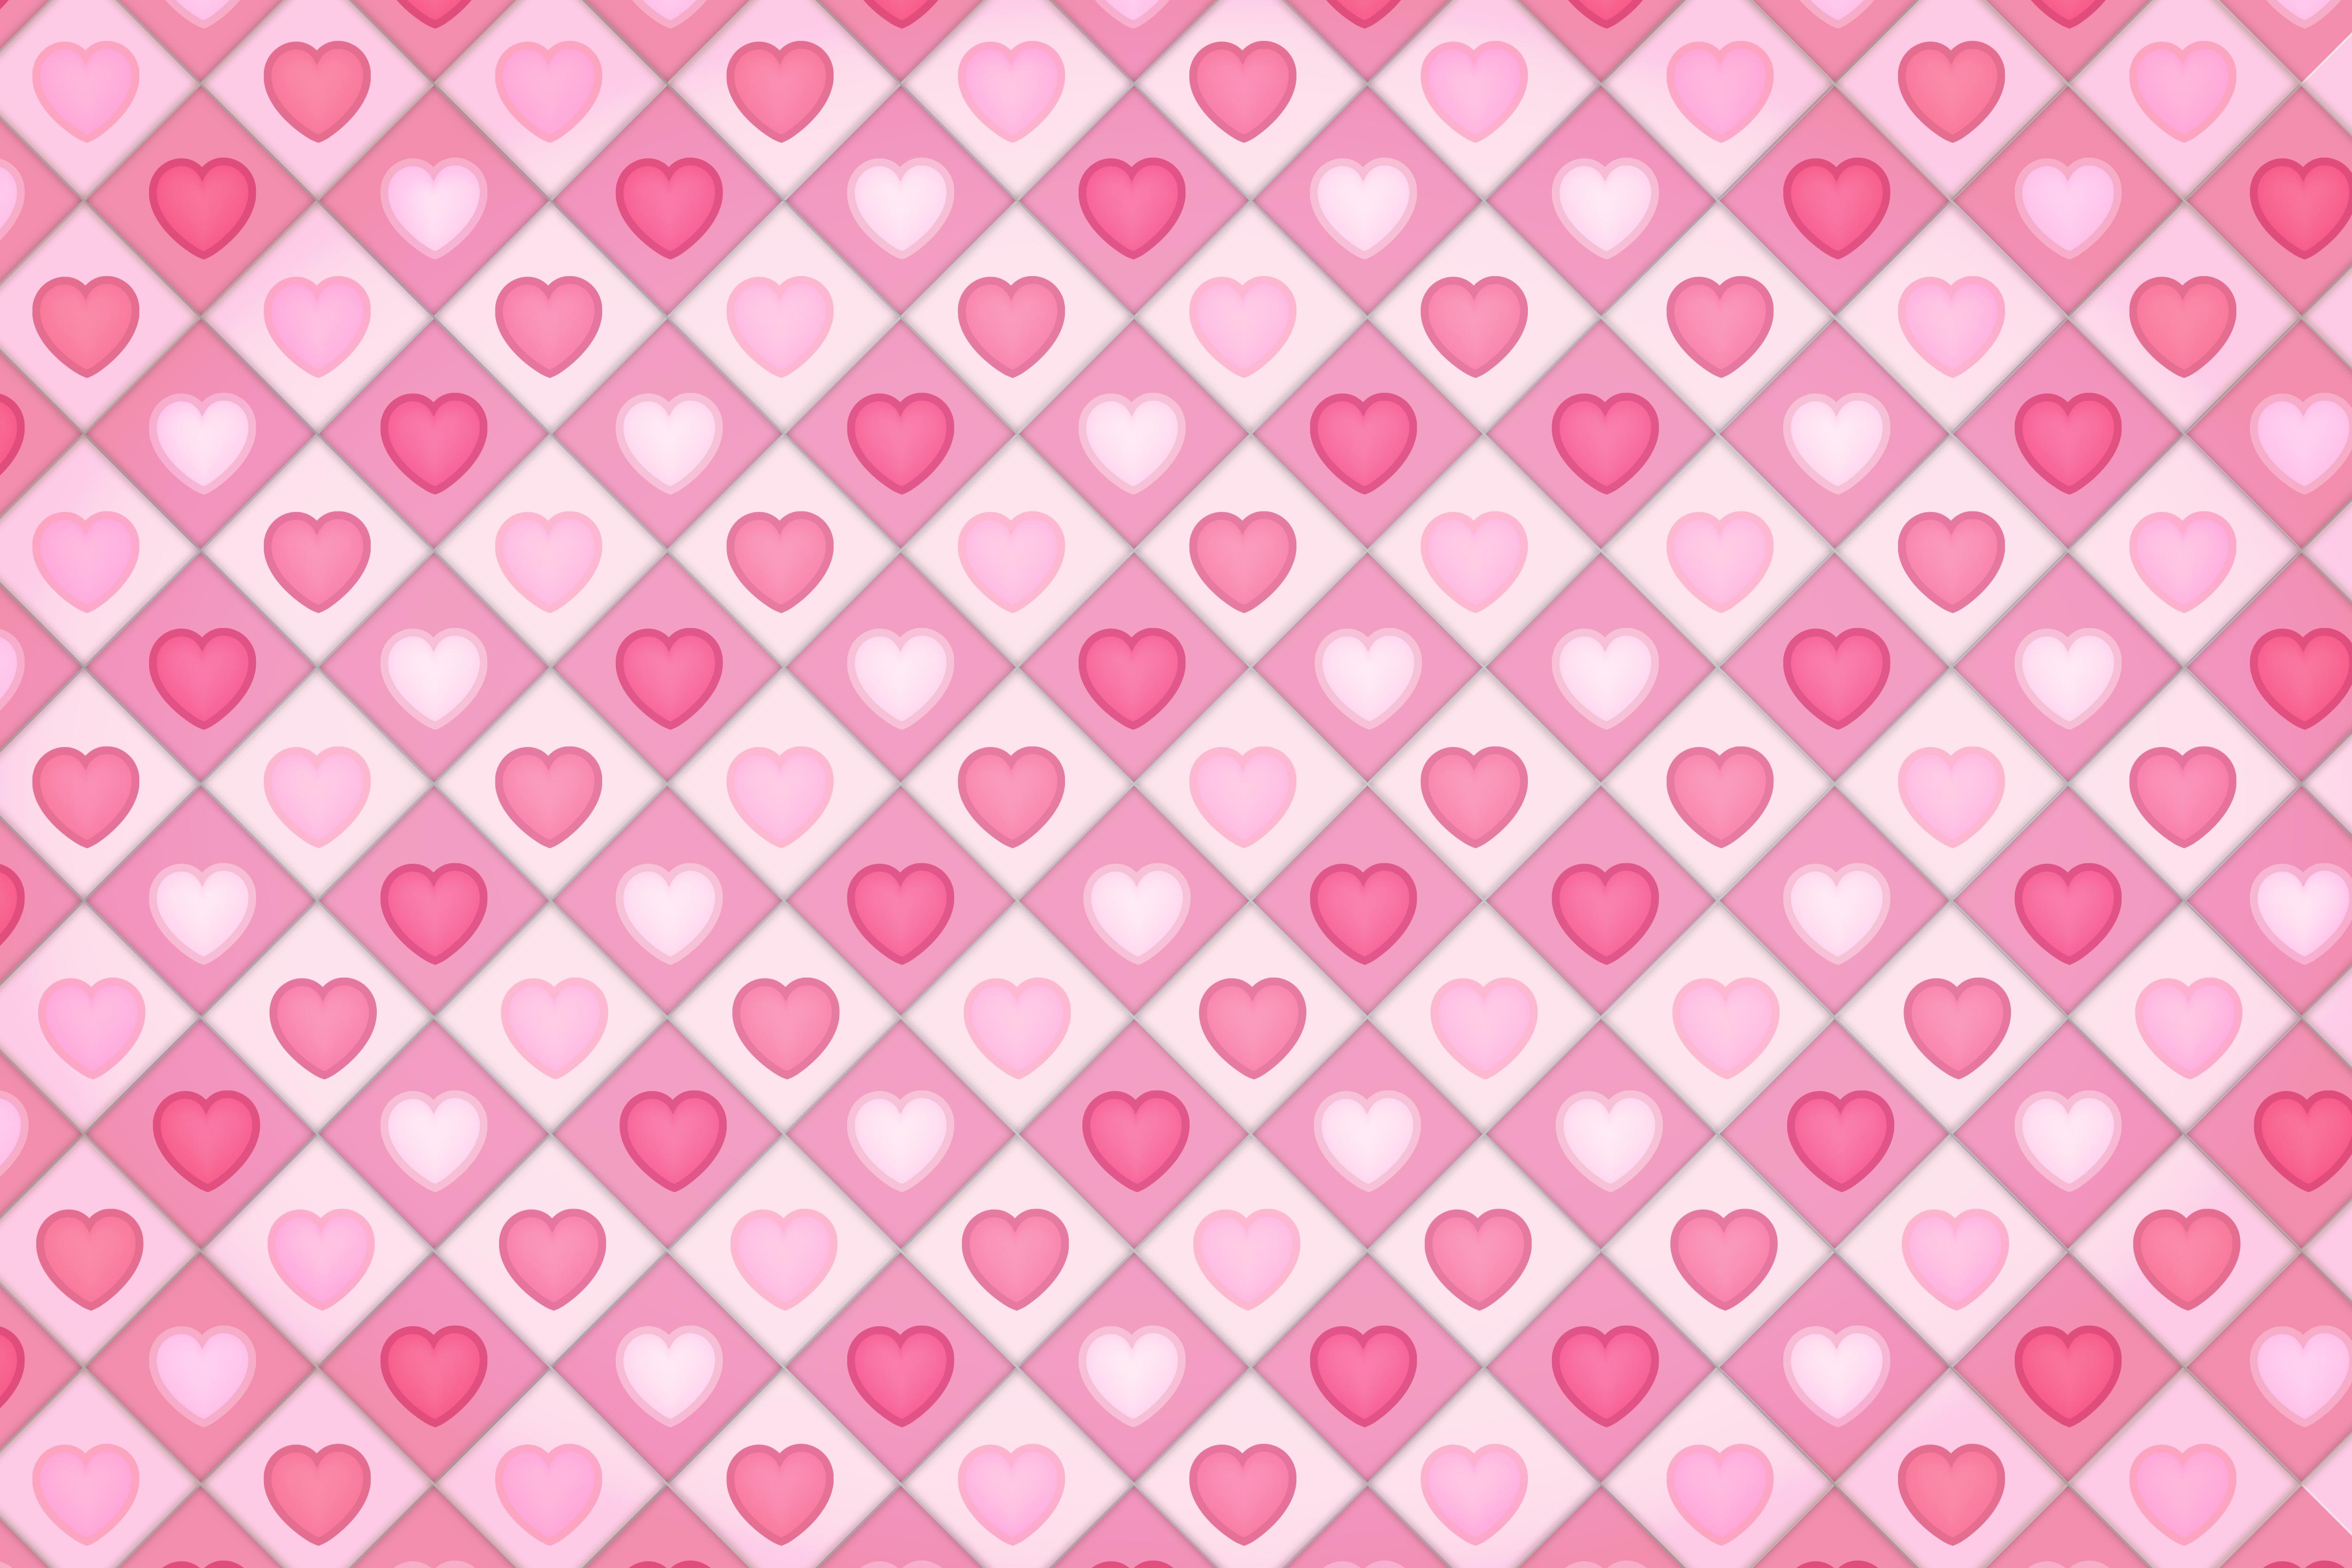 Patrón Diseño Fondos De Pantalla Textura Antecedentes: Patrón Seamless Fondos De Pantalla Diseño Antecedentes